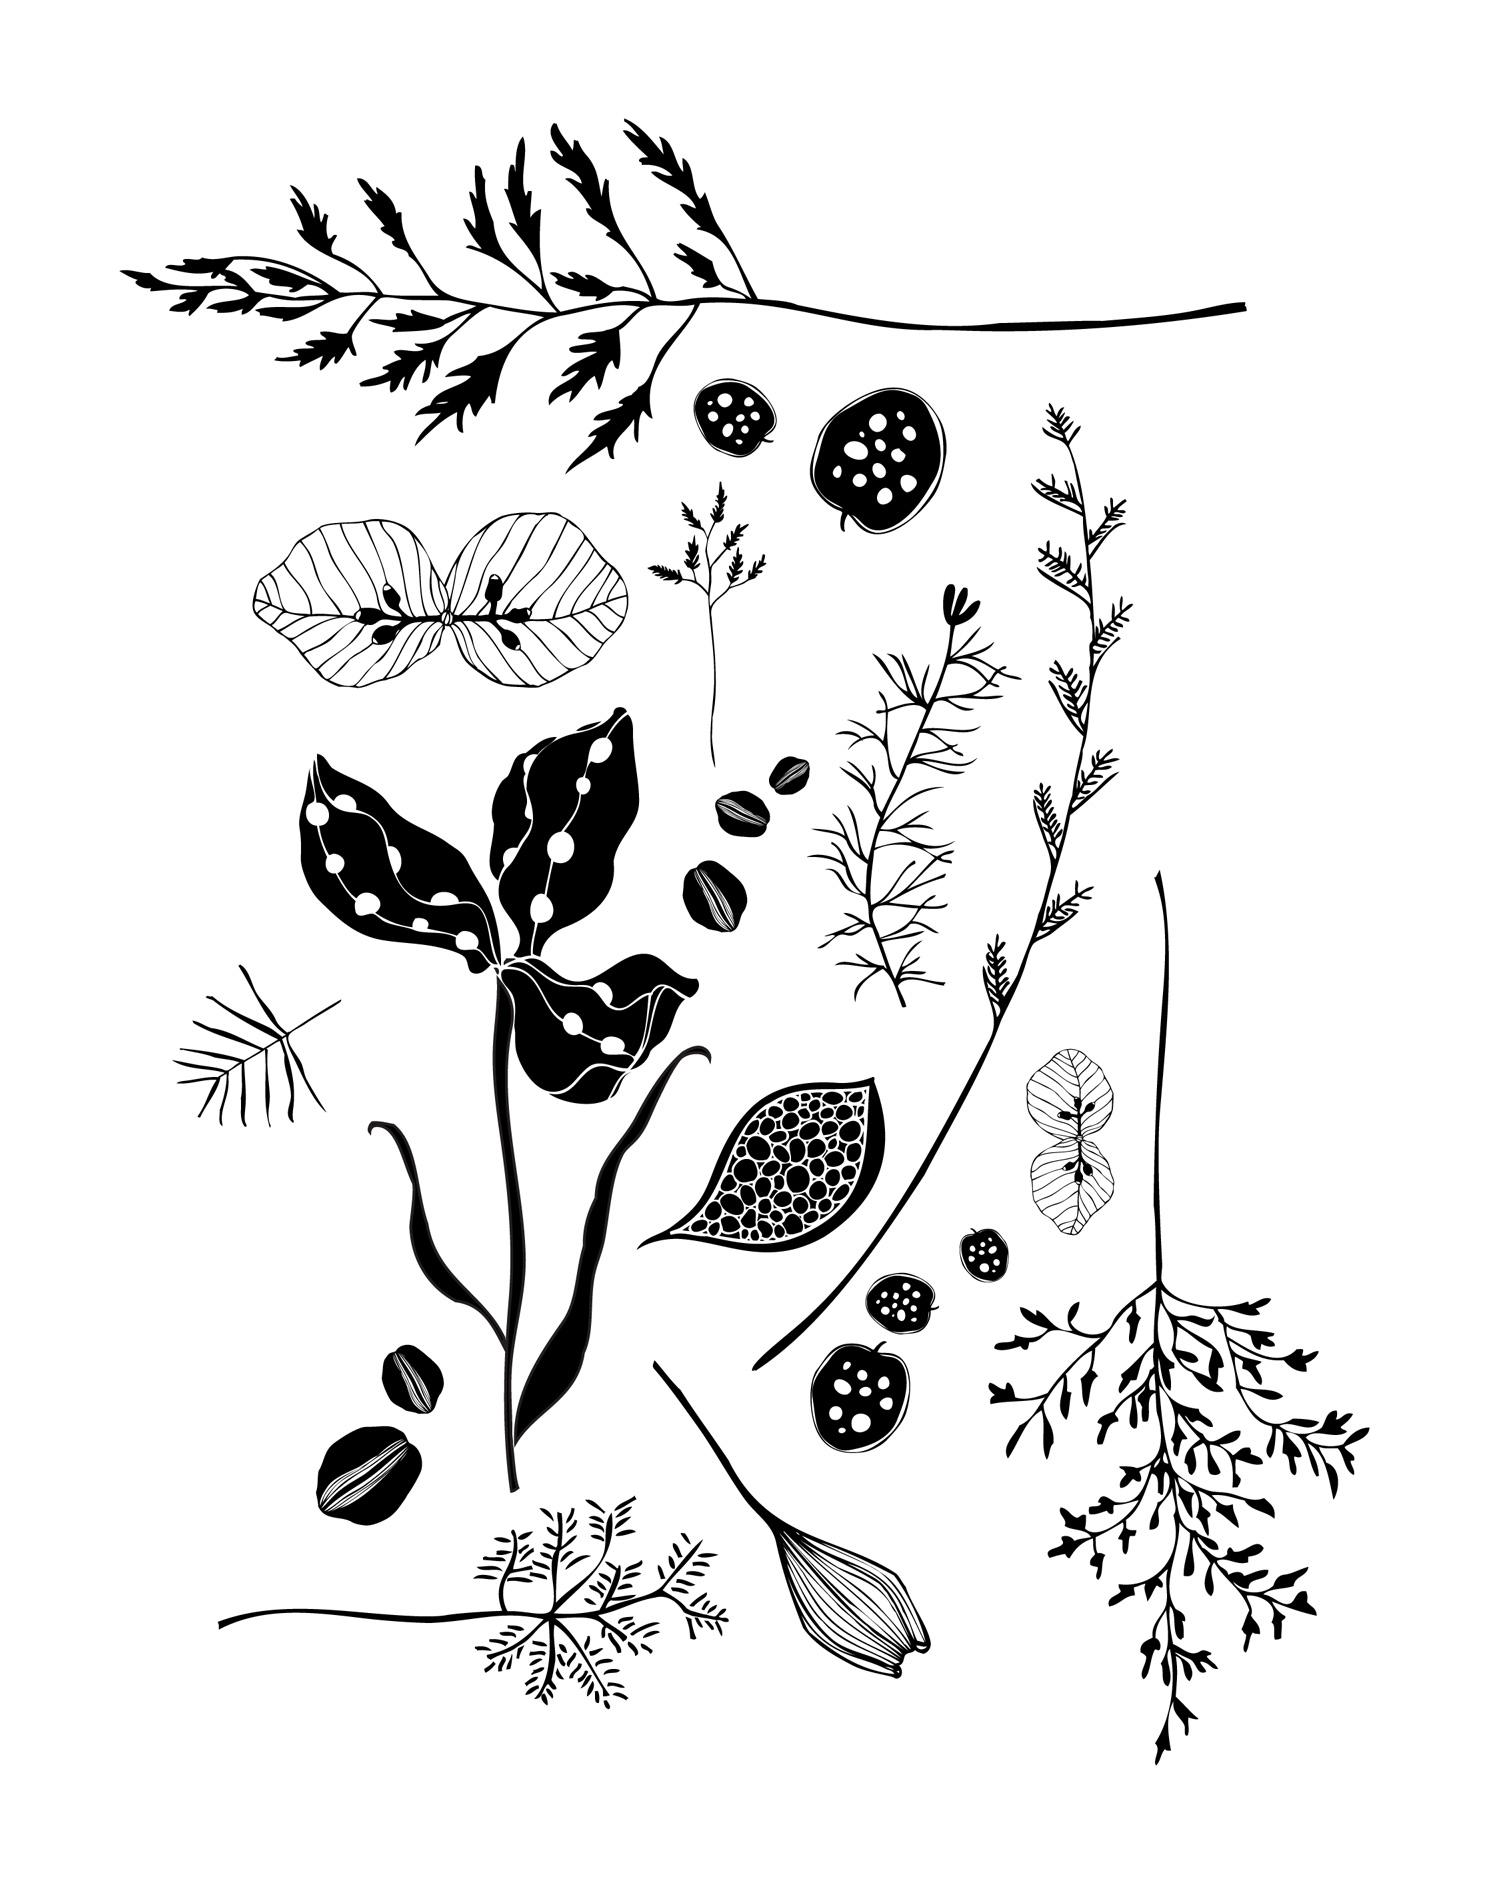 Flora 1 - Laurie Baars